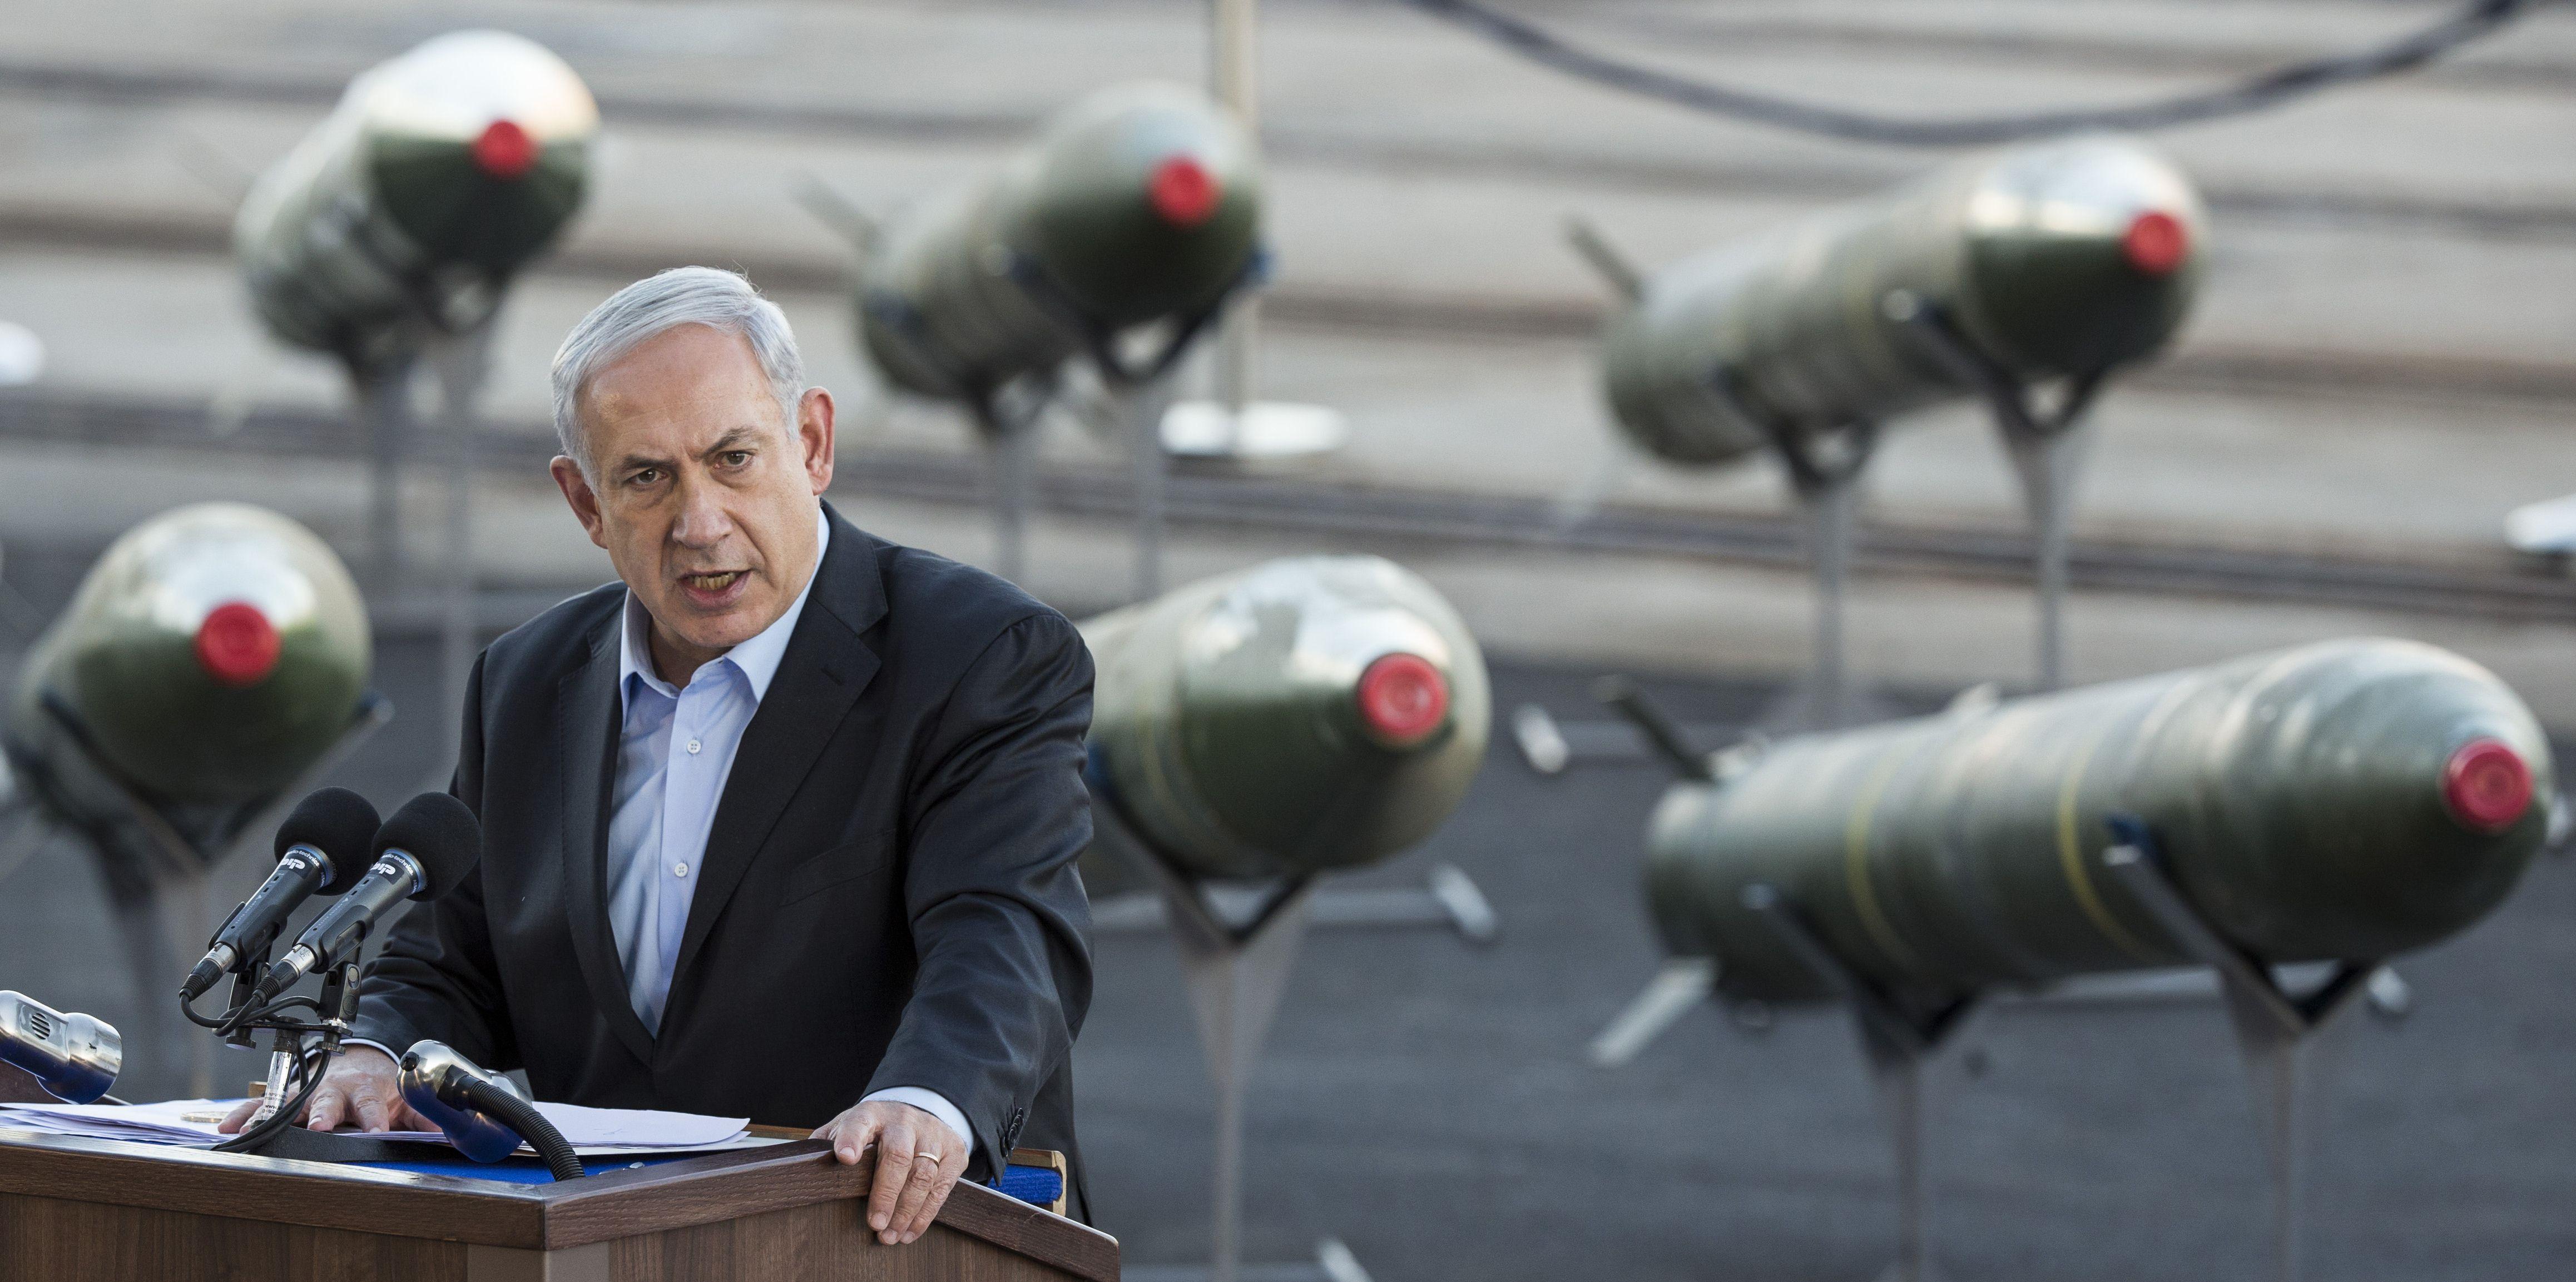 Dohoda s Íránem jako rukojmí izraelského populismu